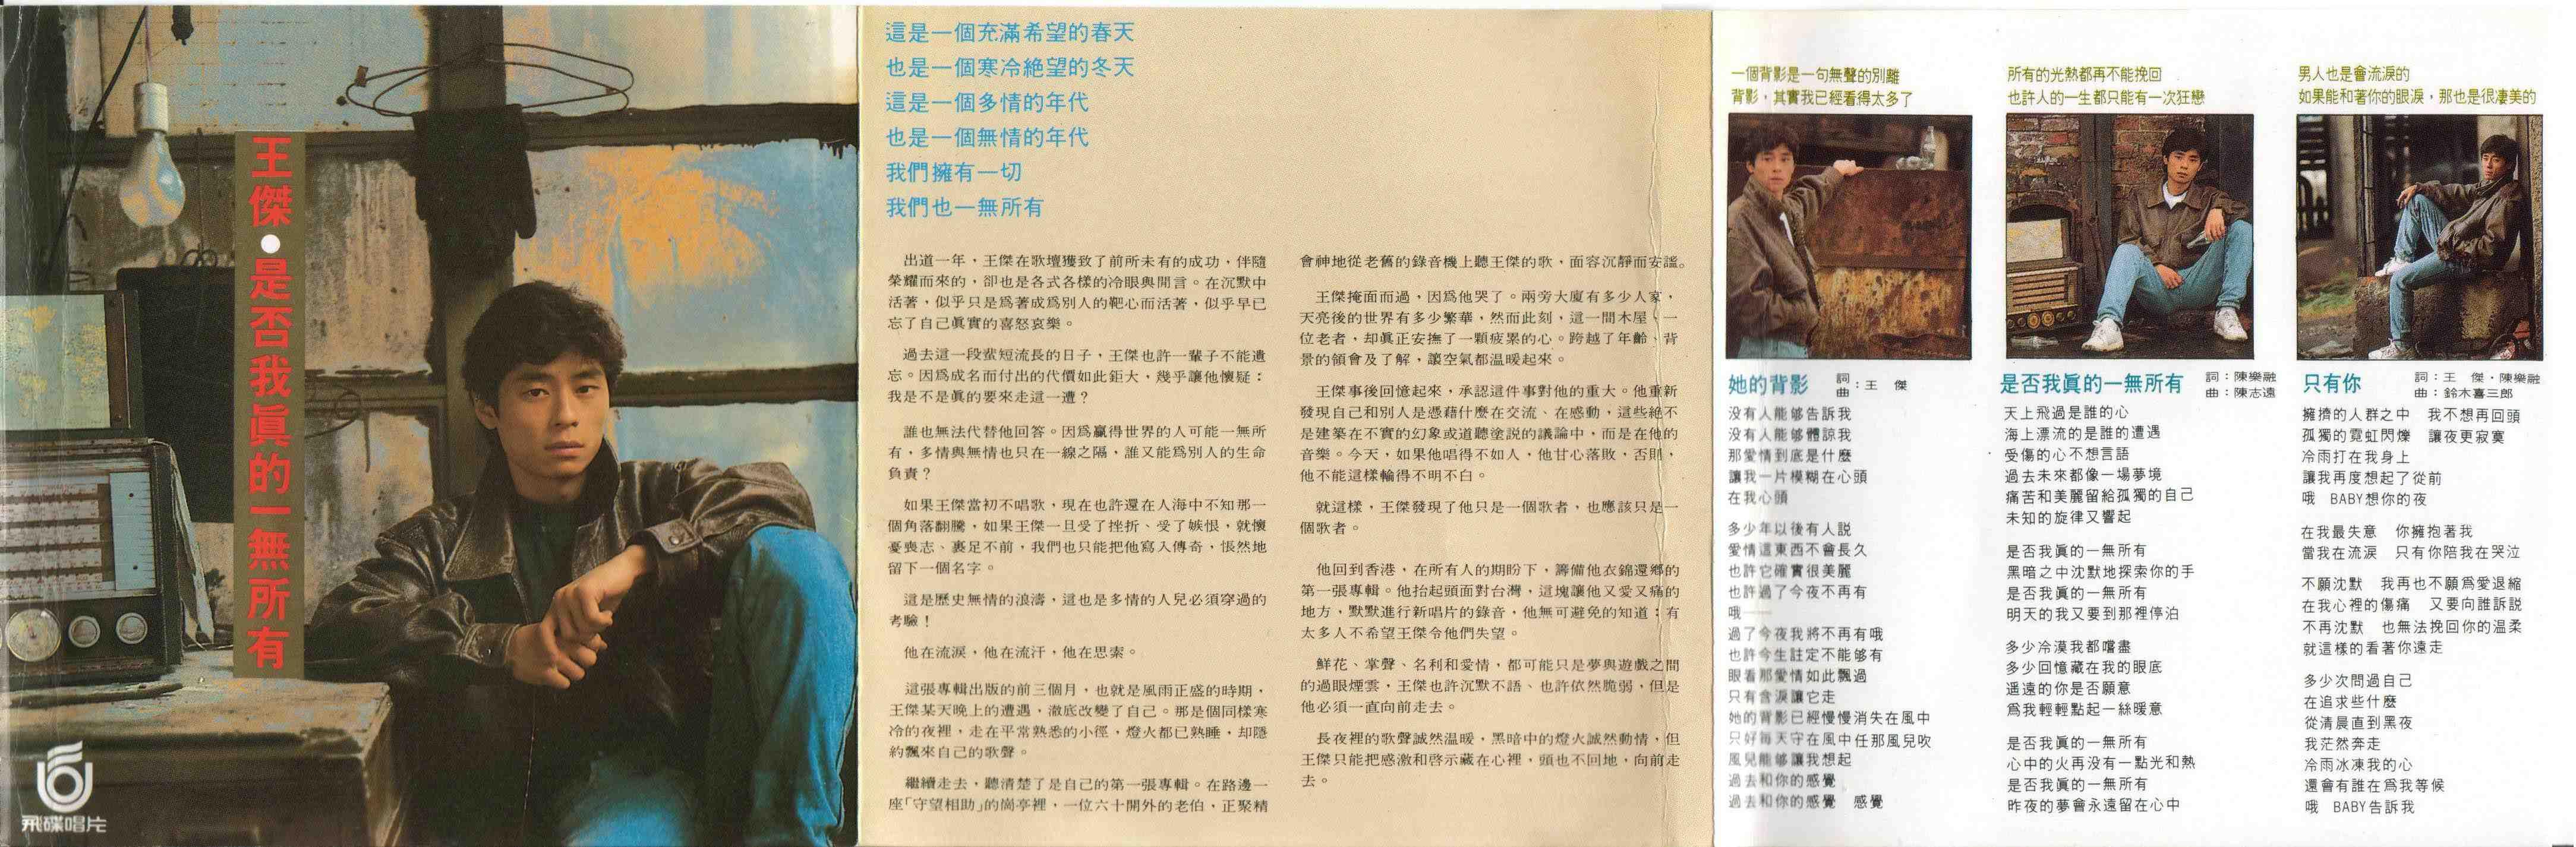 《是否我真的一无所有--王杰第三张国语专辑》